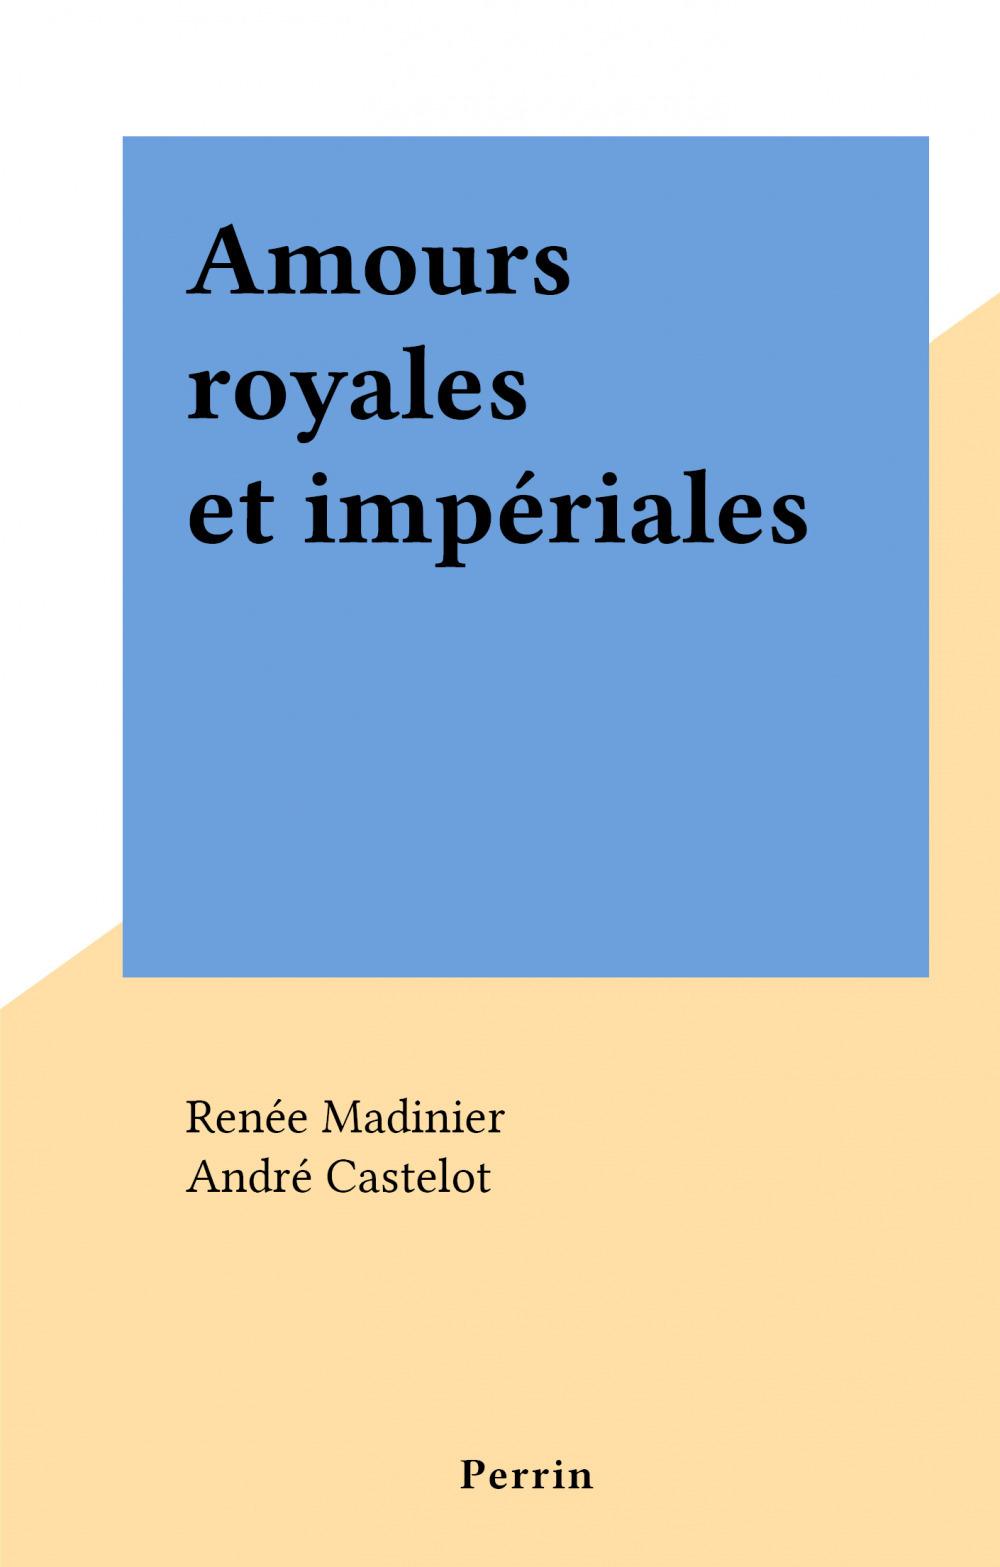 Amours royales et impériales